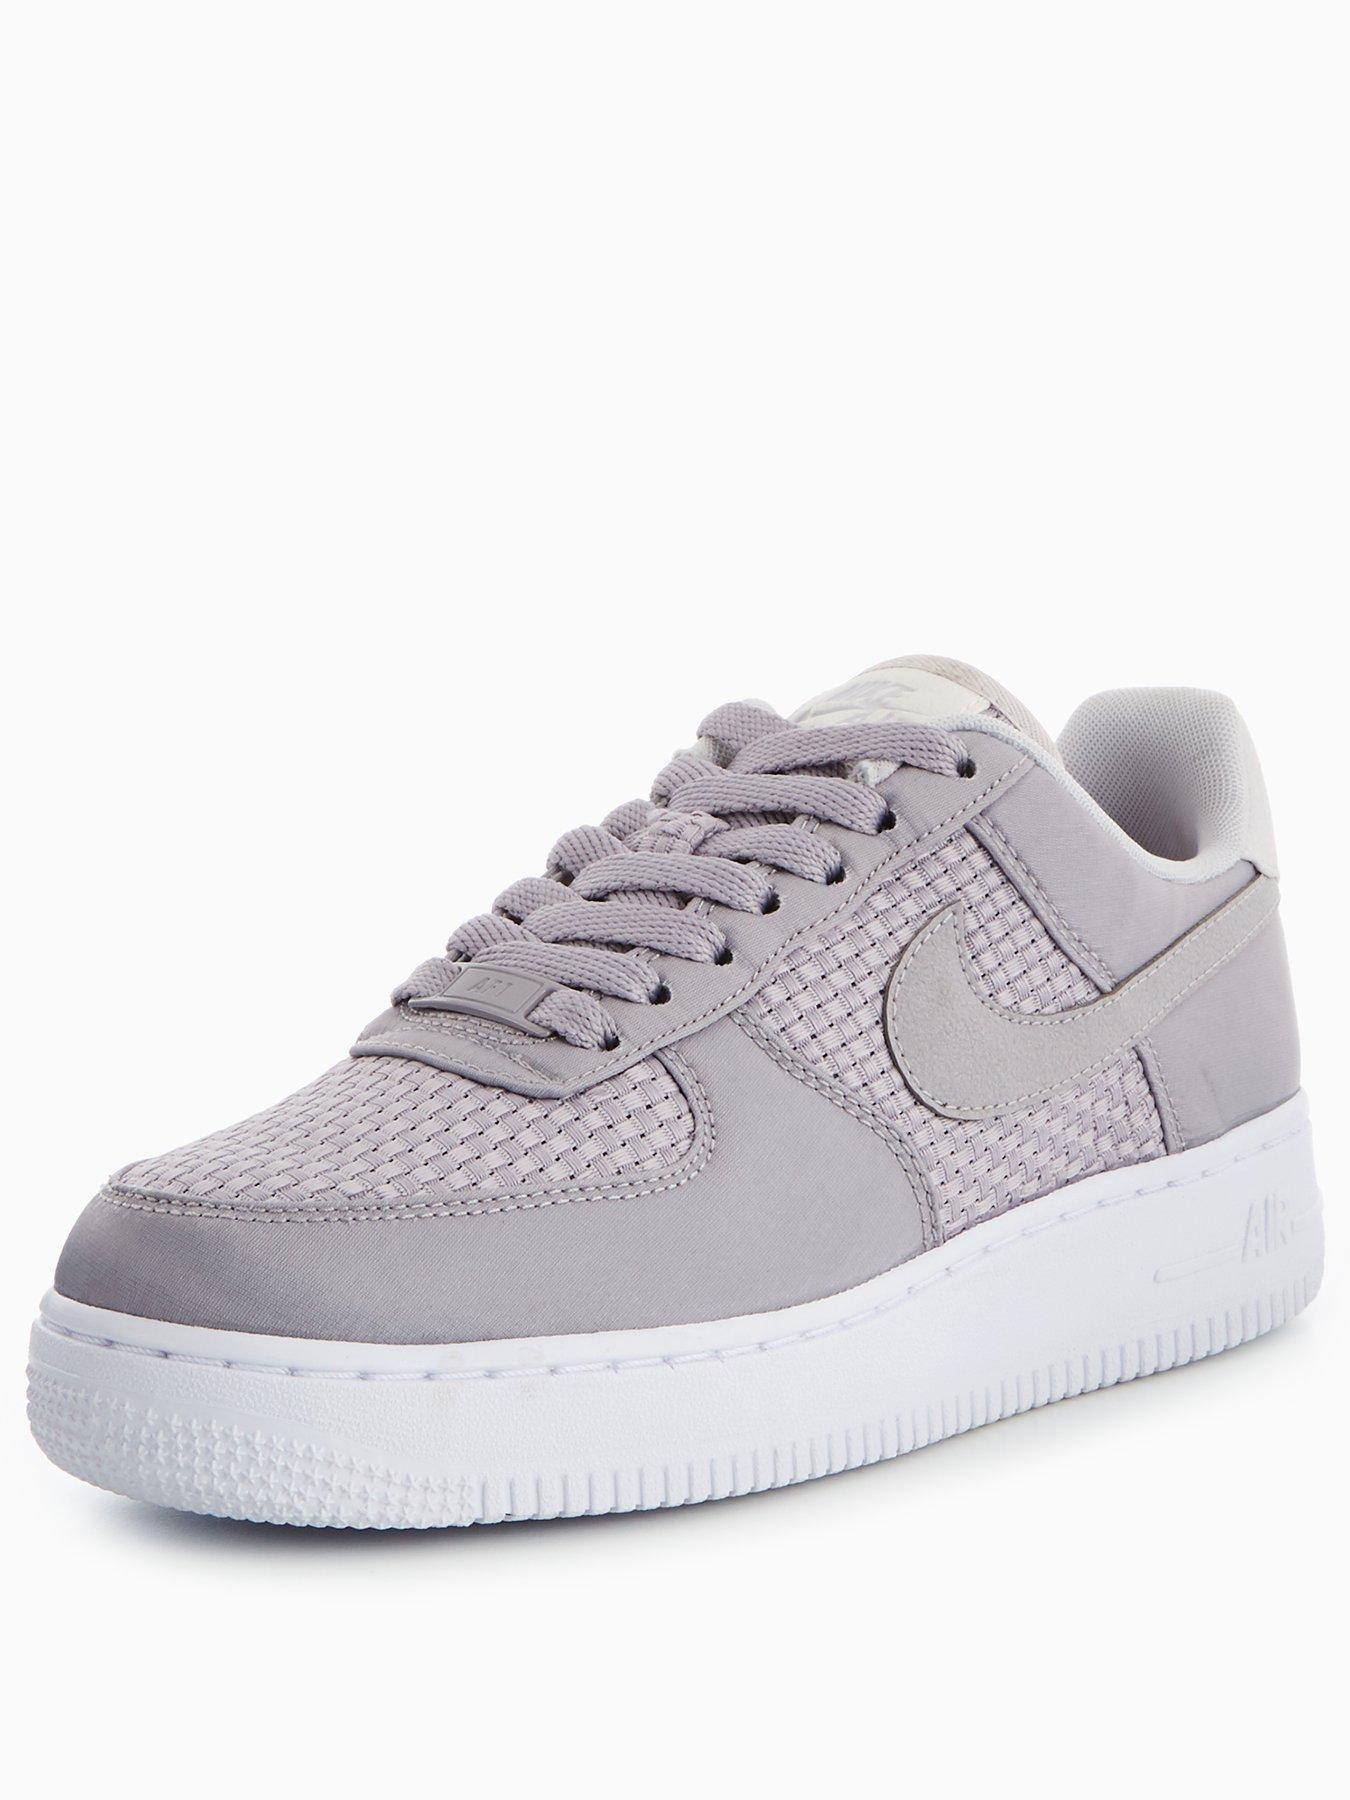 Hommes Nike Pas Cher Air Force # 1 Au Royaume-uni Marque De Soins